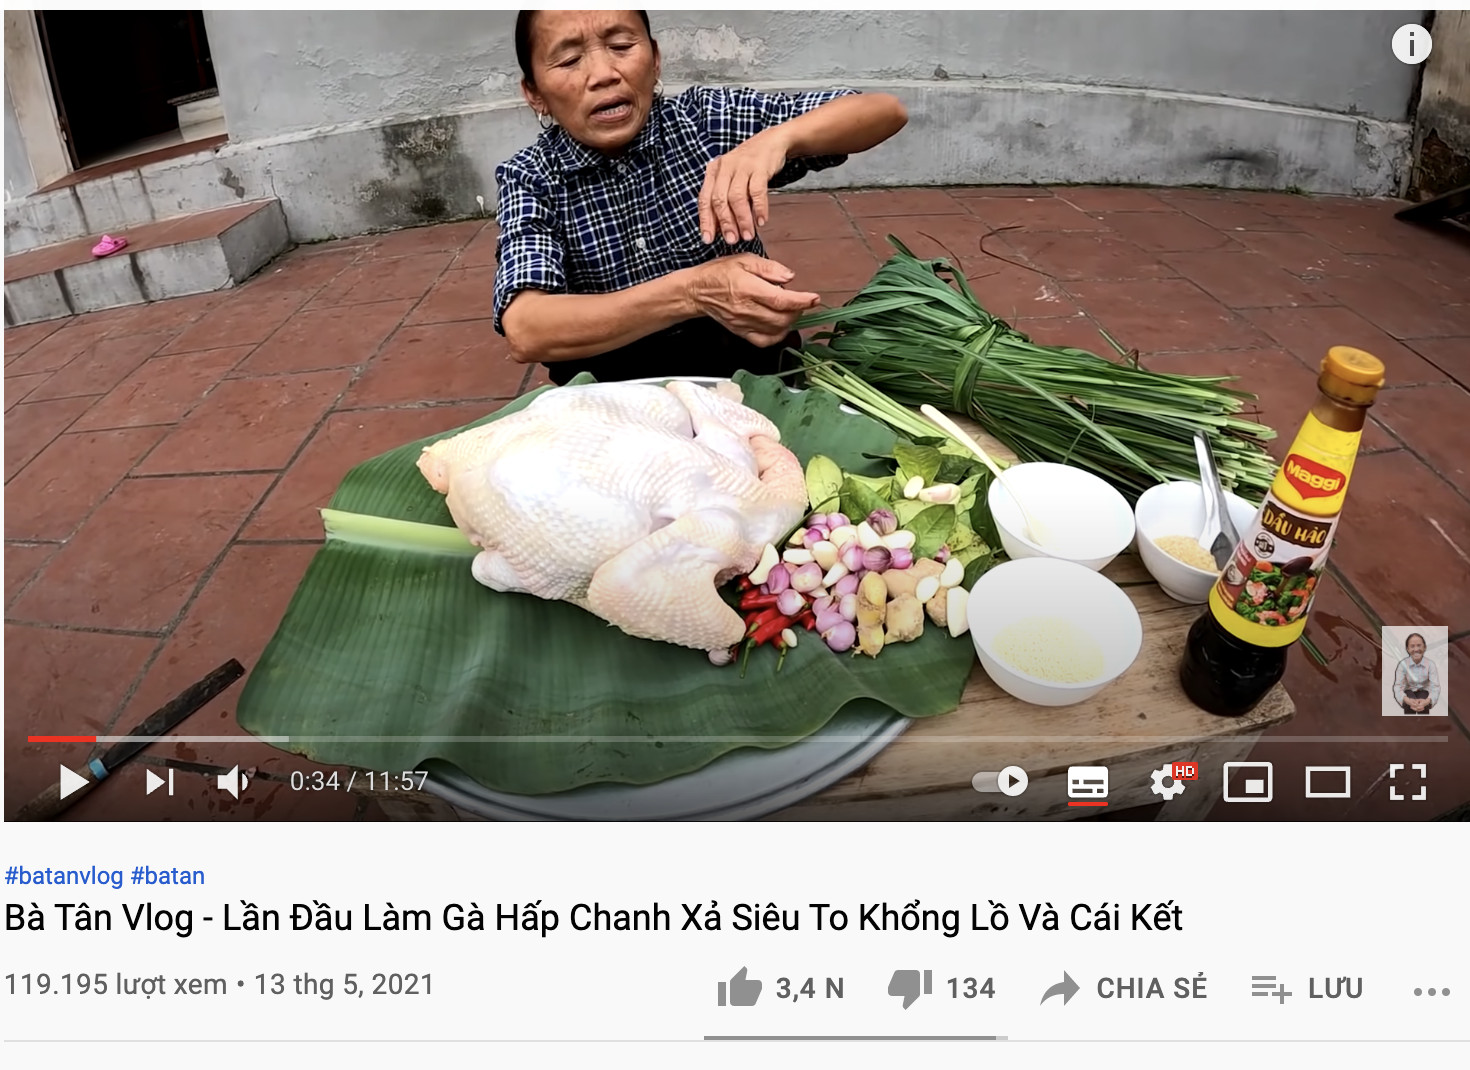 Drama cực căng ở quê bà Tân Vlog: Một thanh niên bỏ nhà đi theo bạn gái, hôm sau xuất hiện trong clip ăn chực - Ảnh 1.